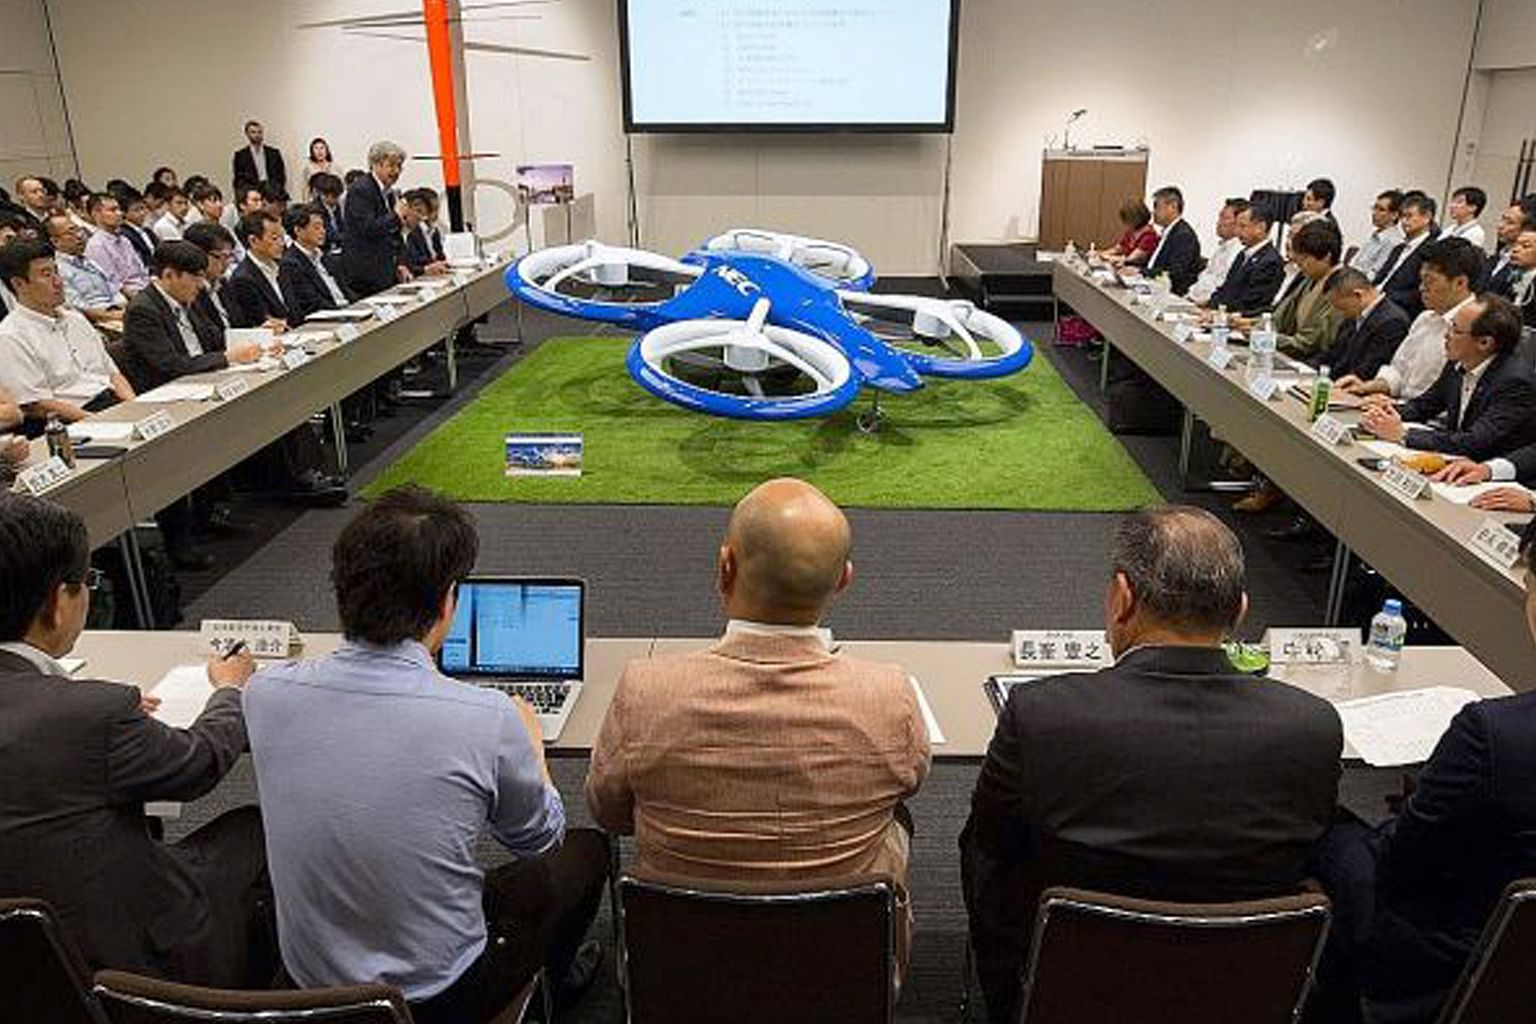 Jepun labur besar bagi realisasikan 'kereta terbang' kereta yang 'berterbangan' di udara